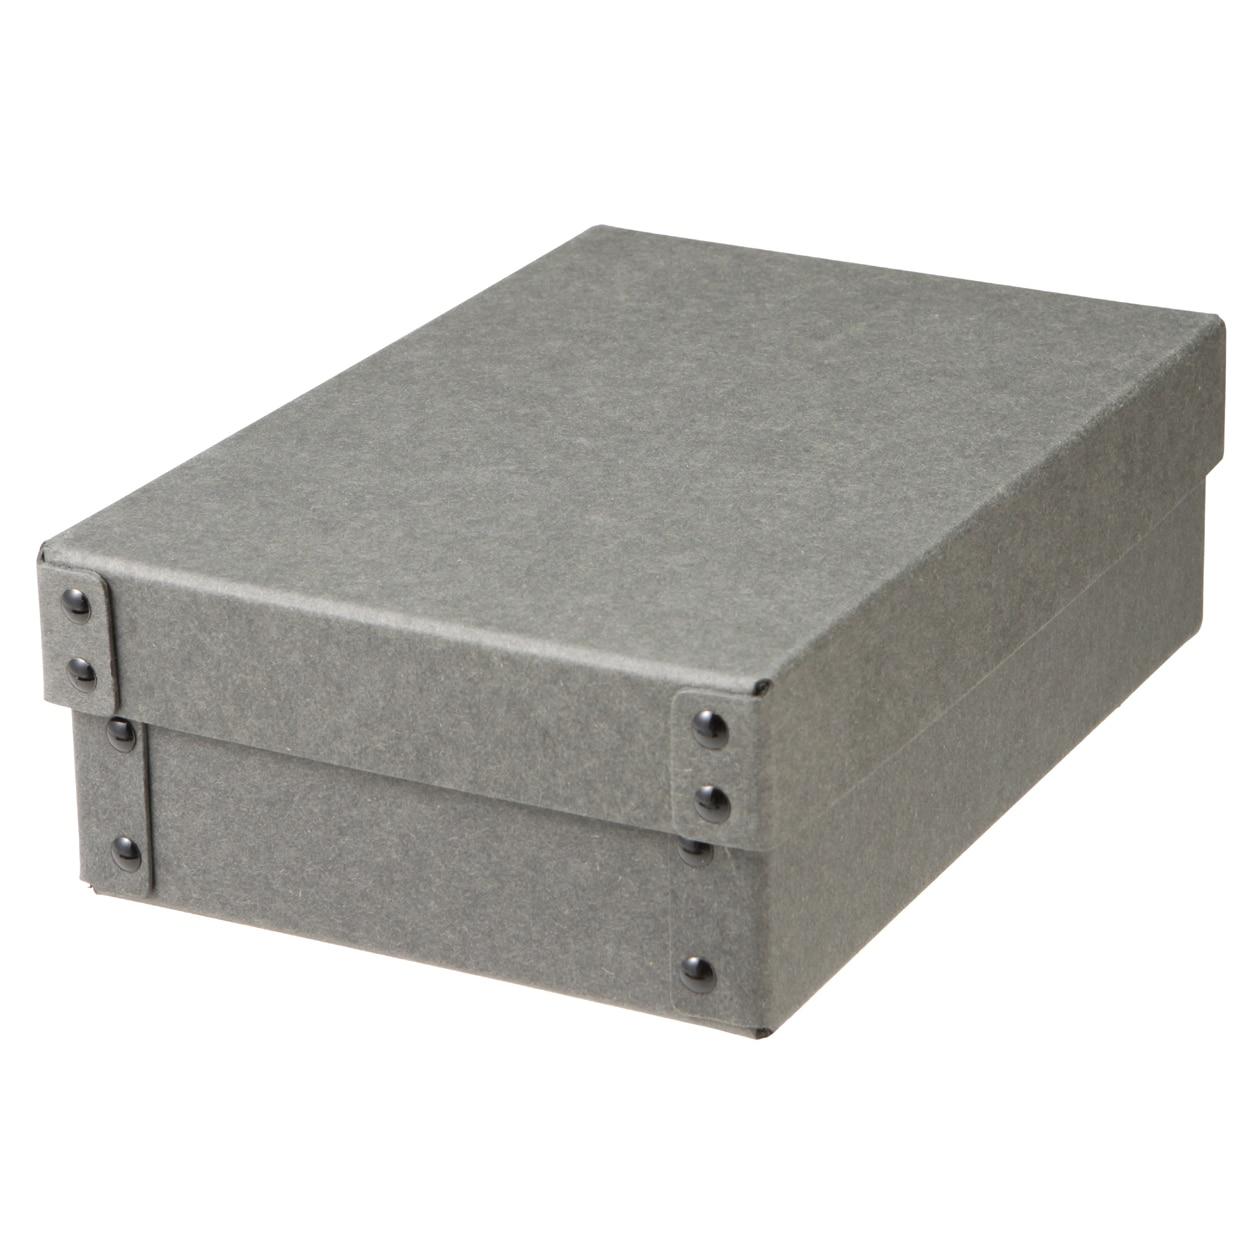 硬質パルプボックス・フタ式・浅型ハーフ